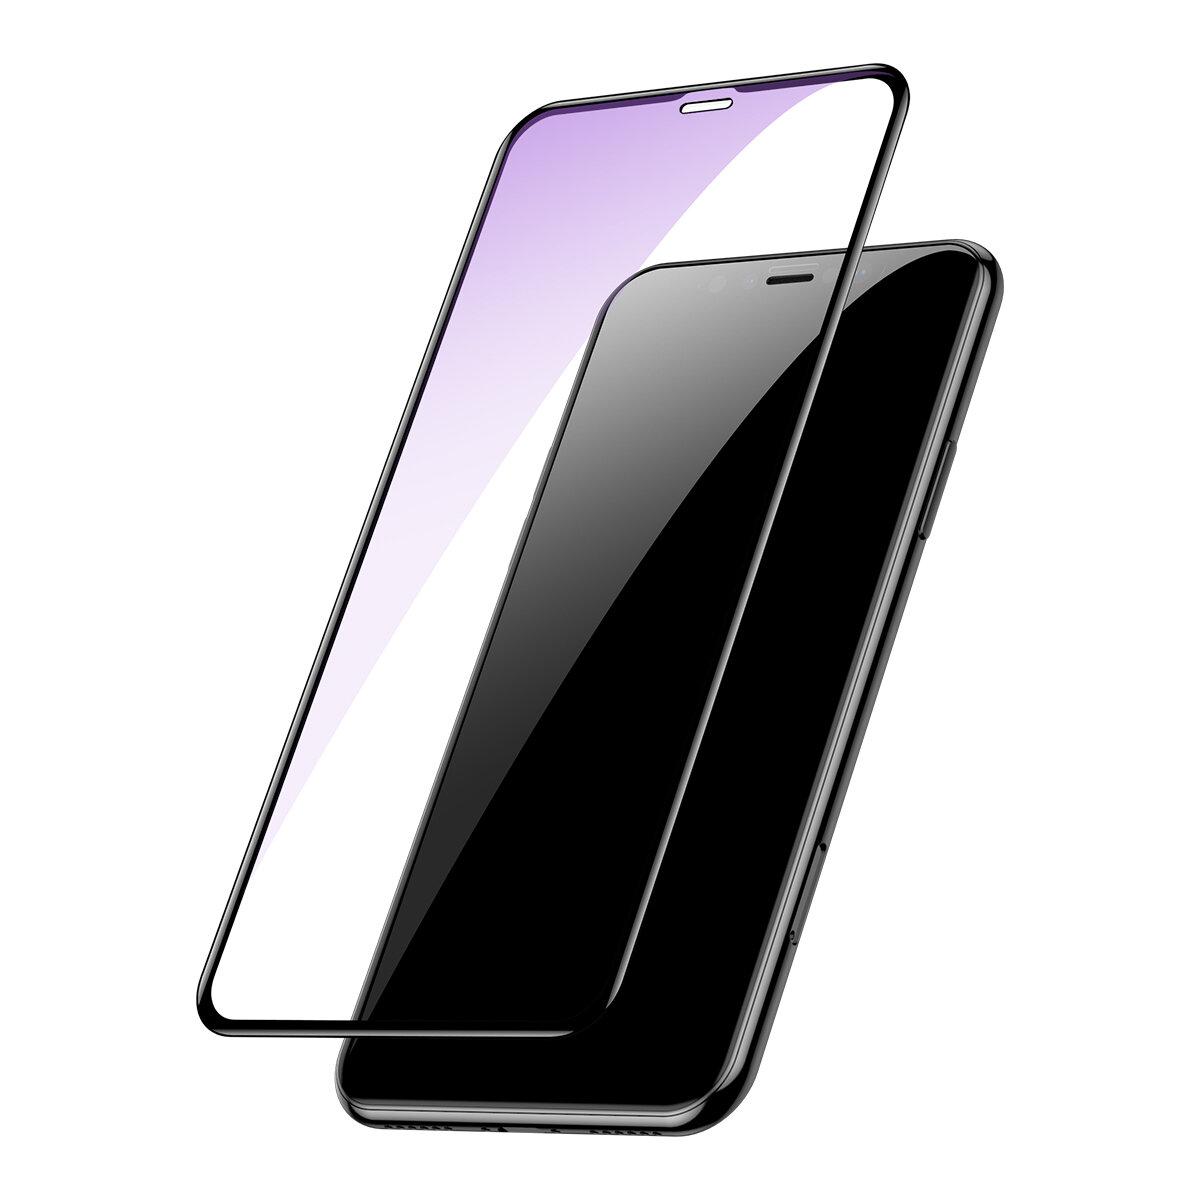 Baseus 0.2mm Full Screen Arc Surface Clear / Anti Protector de pantalla de vidrio templado con luz azul para iPhone XS Max / iPhone 11 Pro Max